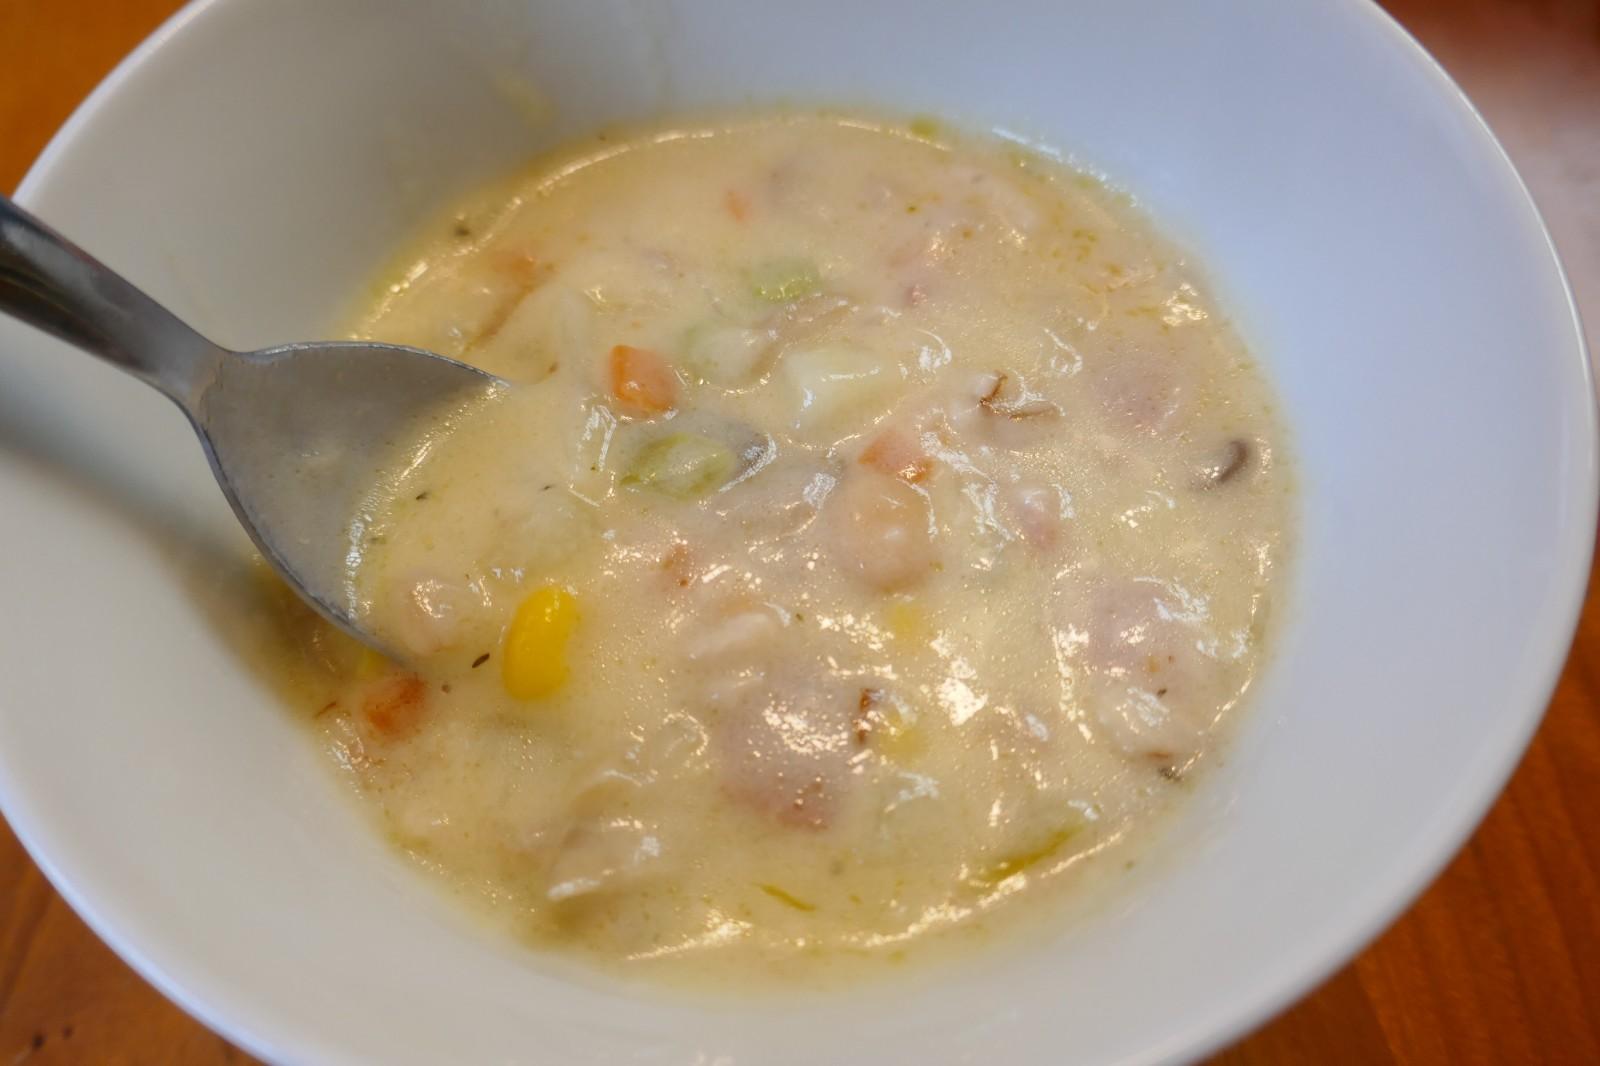 パンとスープが冷凍でいつでもOK♪ Pan&×レシピサイトmacaroni×RF1